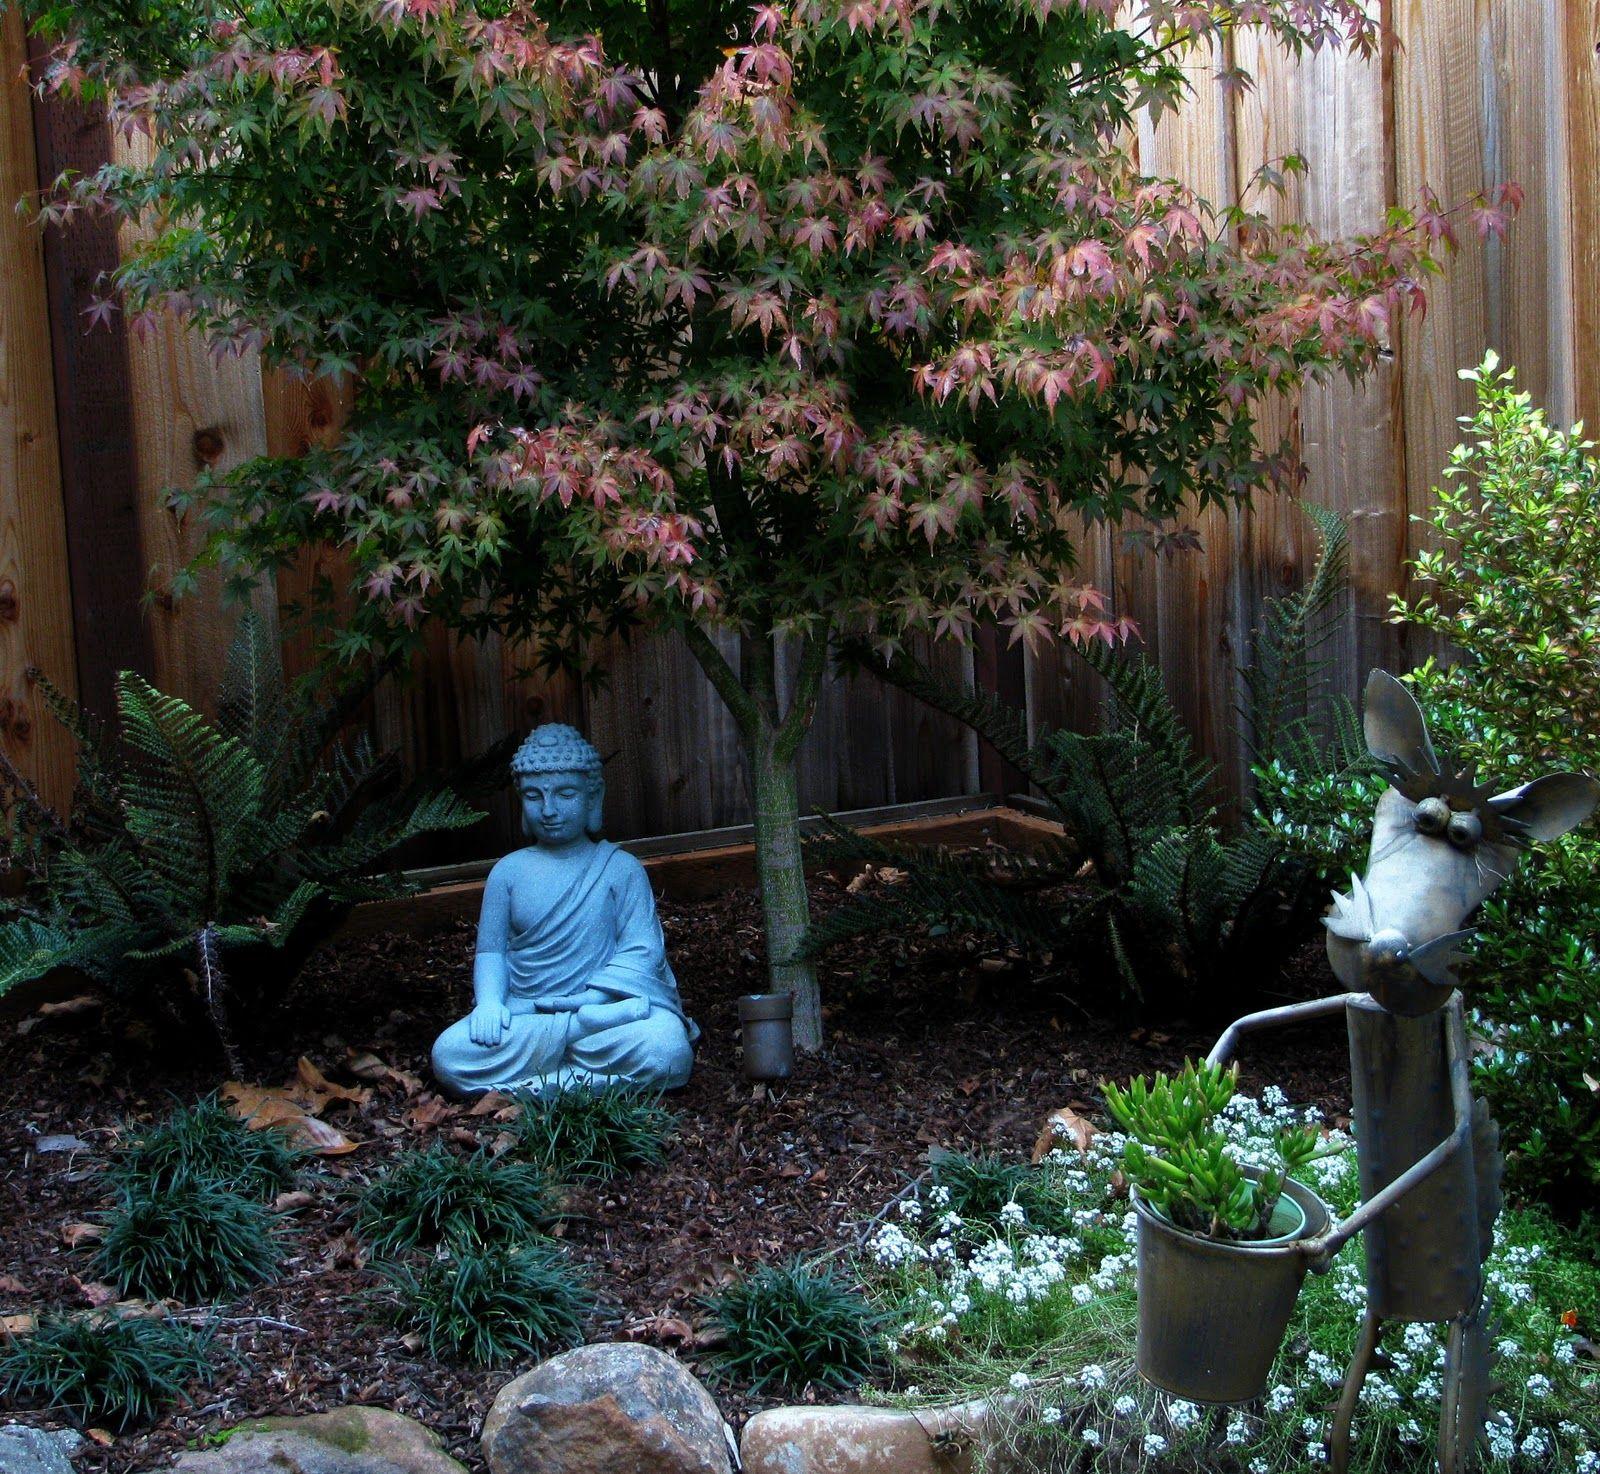 small space garden Small spaces already feel more